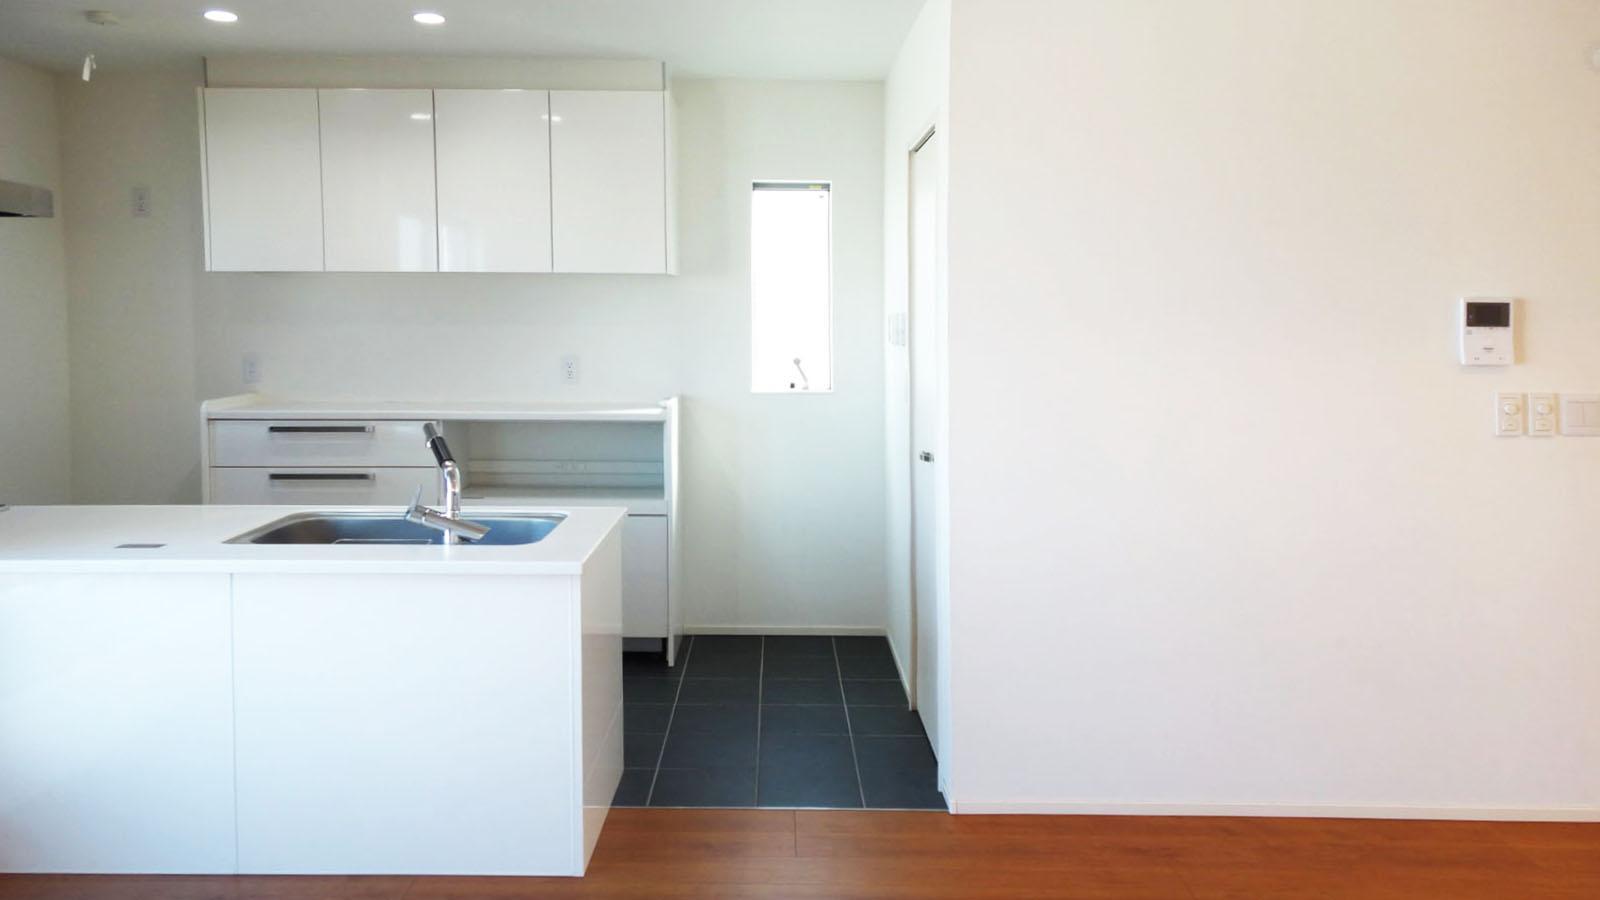 キッチンの床はタイルです。サイドに大きめのパントリーもついています